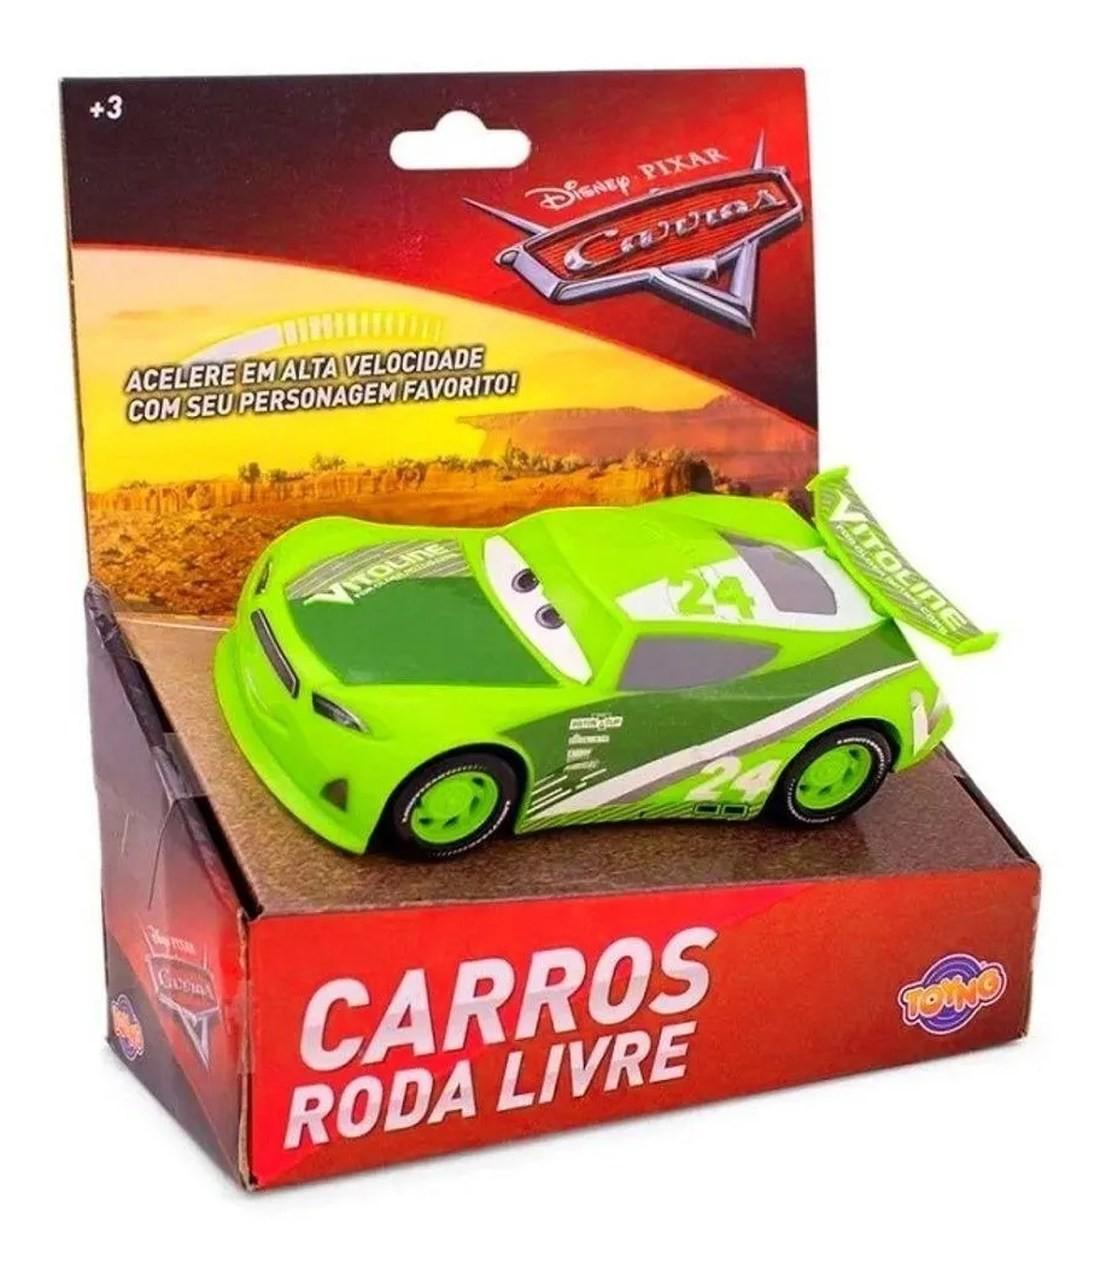 Carros Brinquedo - Brick Yardley - 13 cm - Toyng Disney